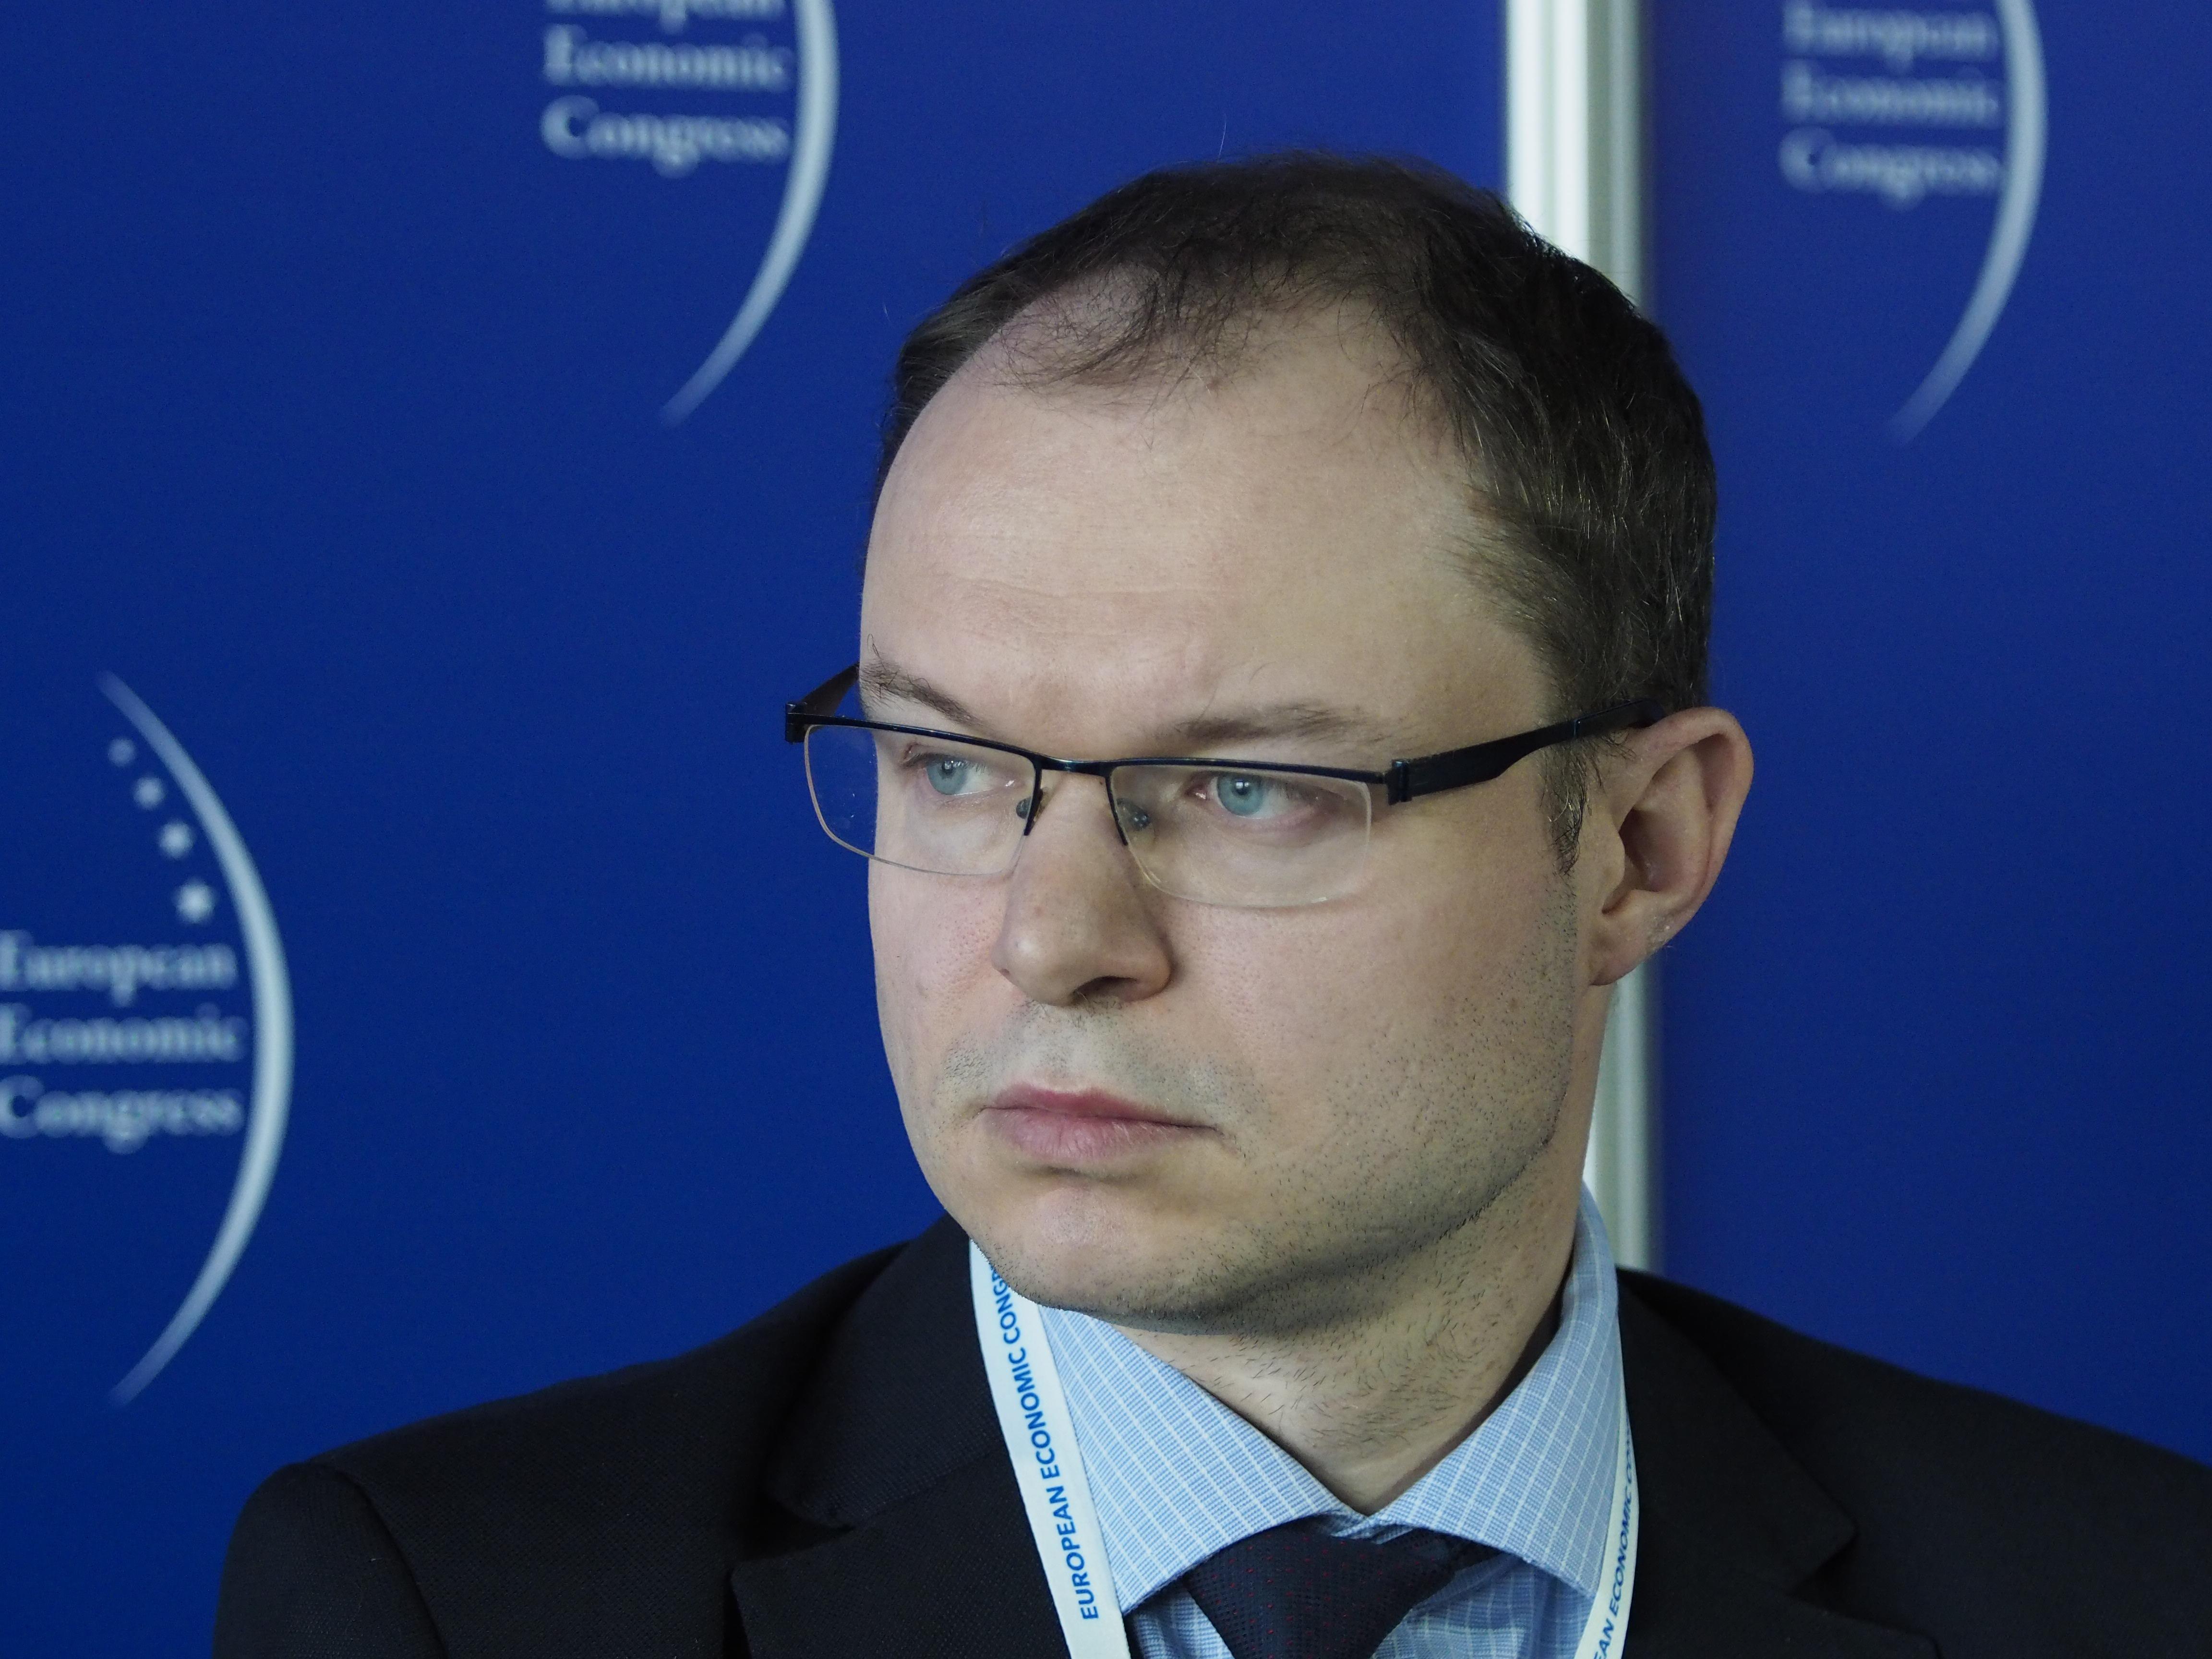 Marcin Kwasowski z Ministerstwa Spraw Zagranicznych zauważa, że w Unii Europejskiej występują dwa zasadnicze podejścia do budżetu wspólnotowego. Fot. PTWP